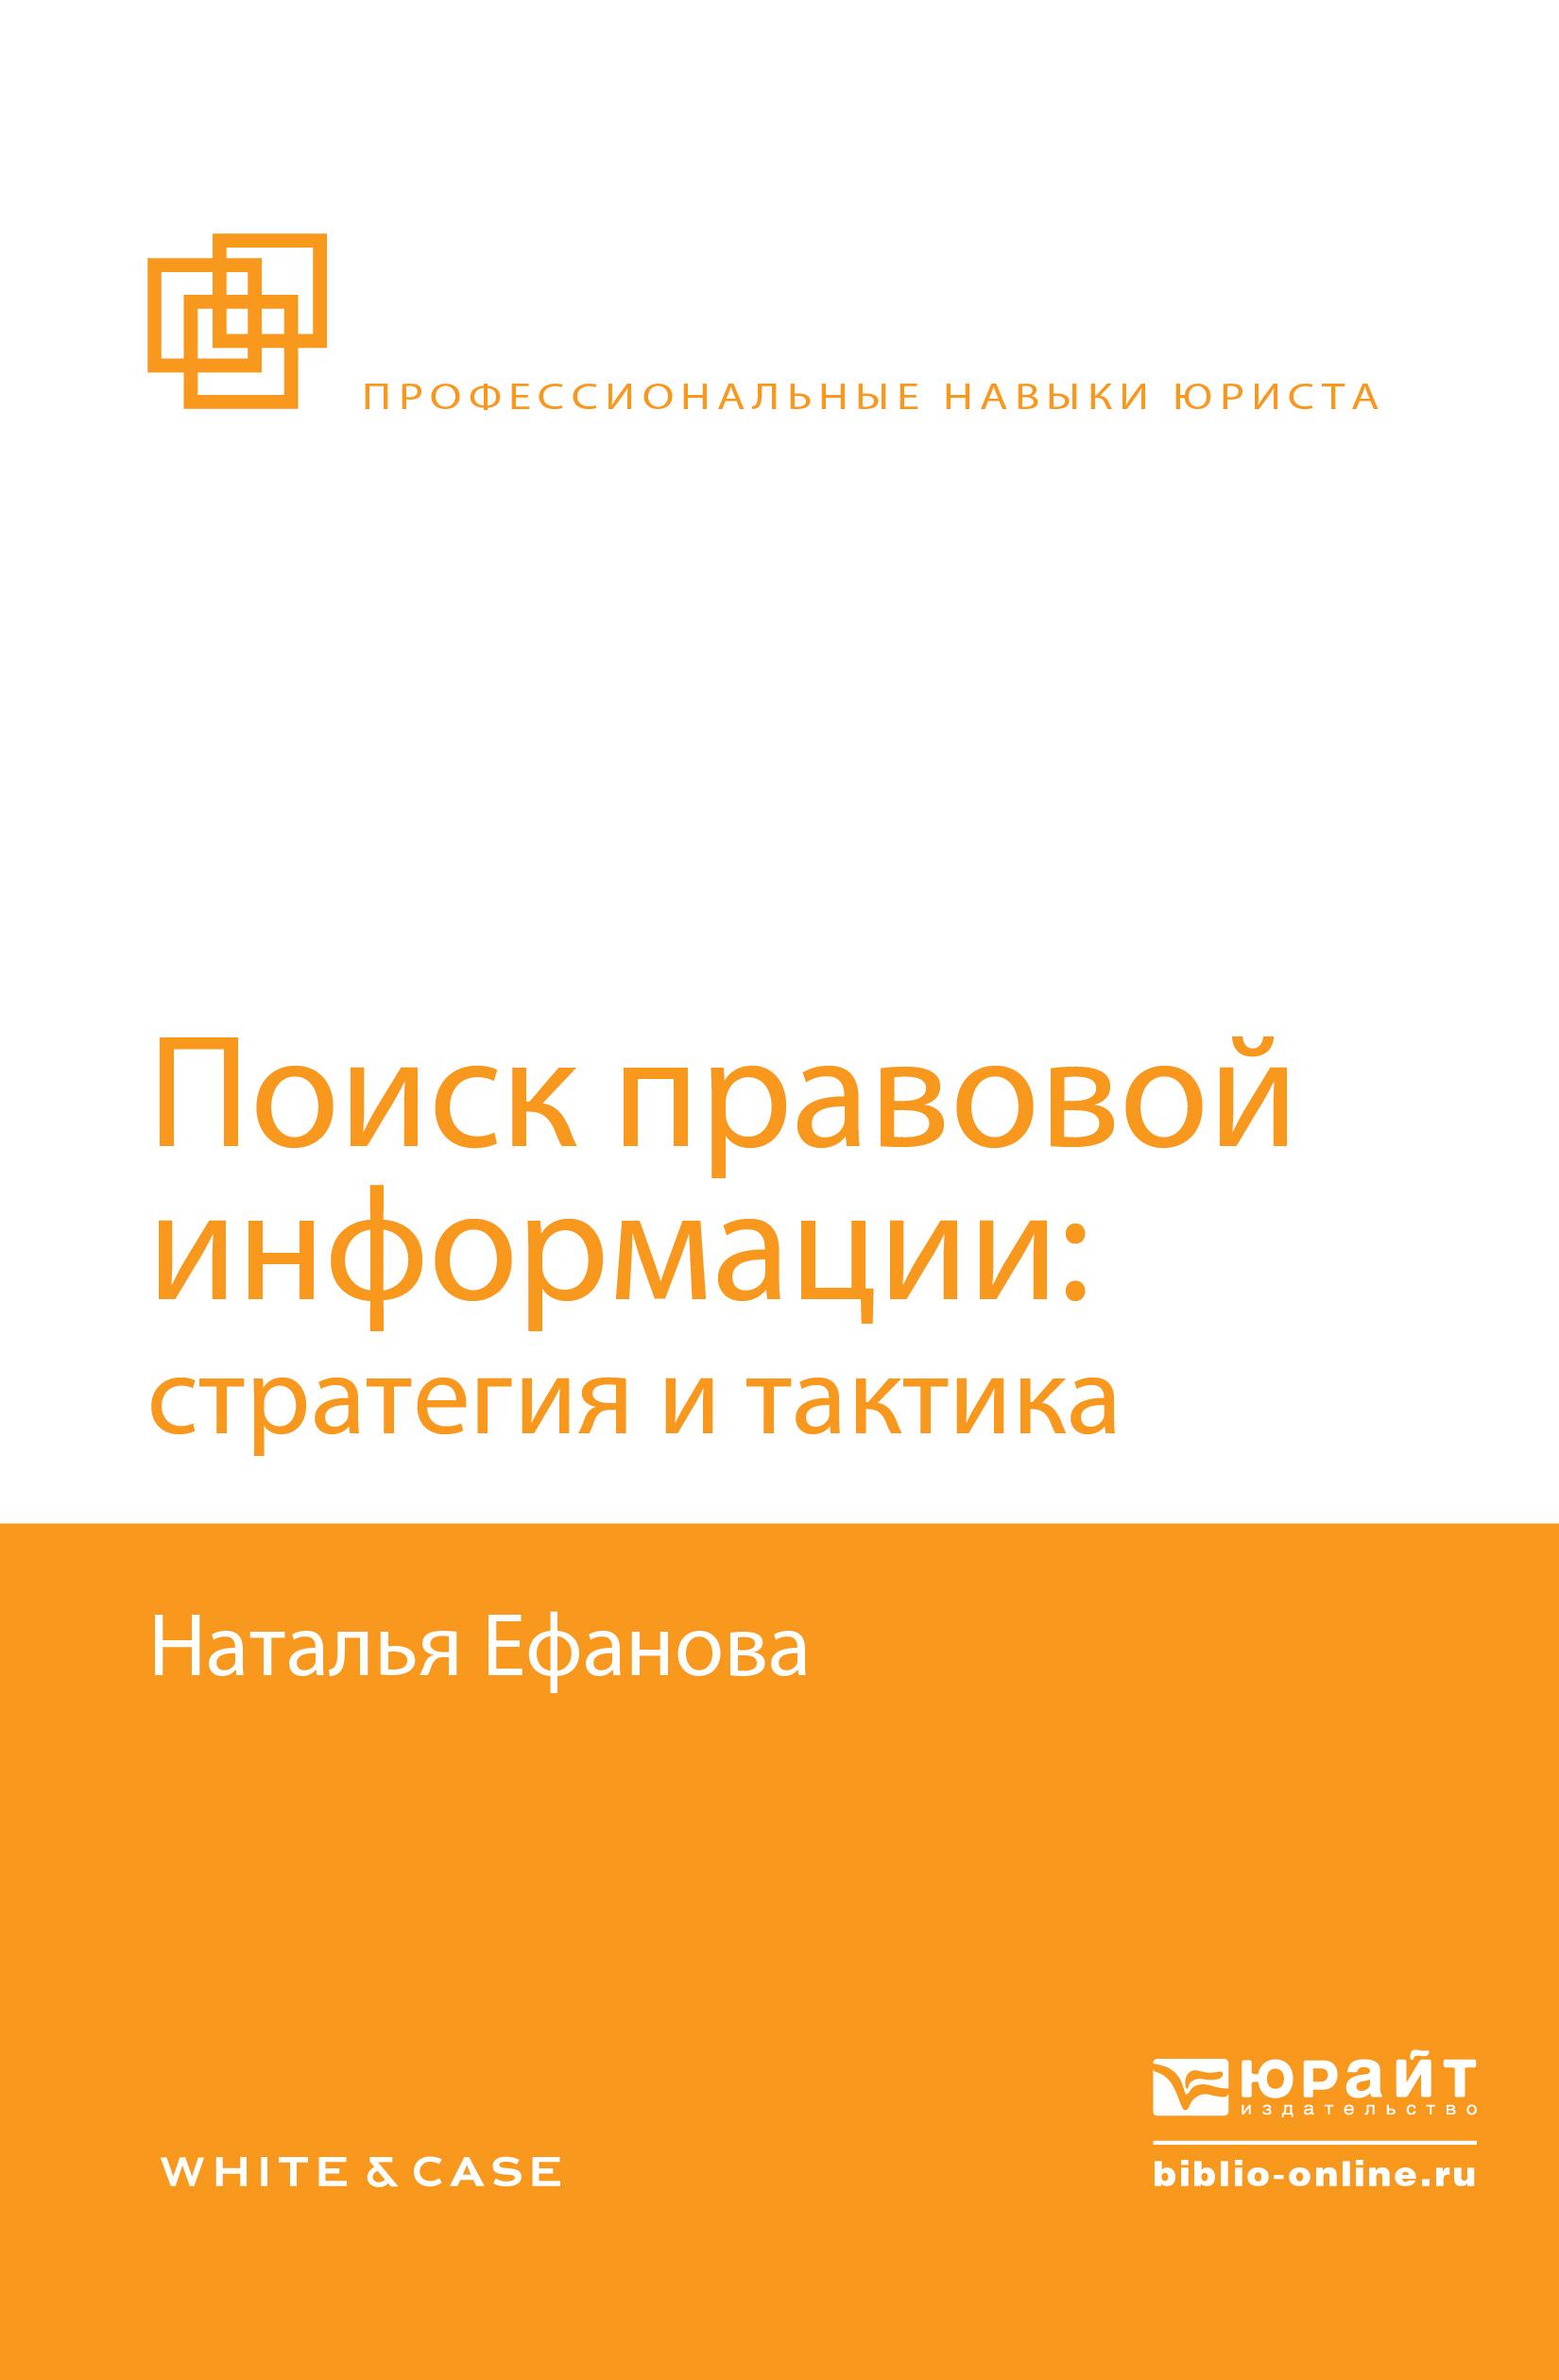 Наталья Николаевна Ефанова Поиск правовой информации: стратегия и тактика